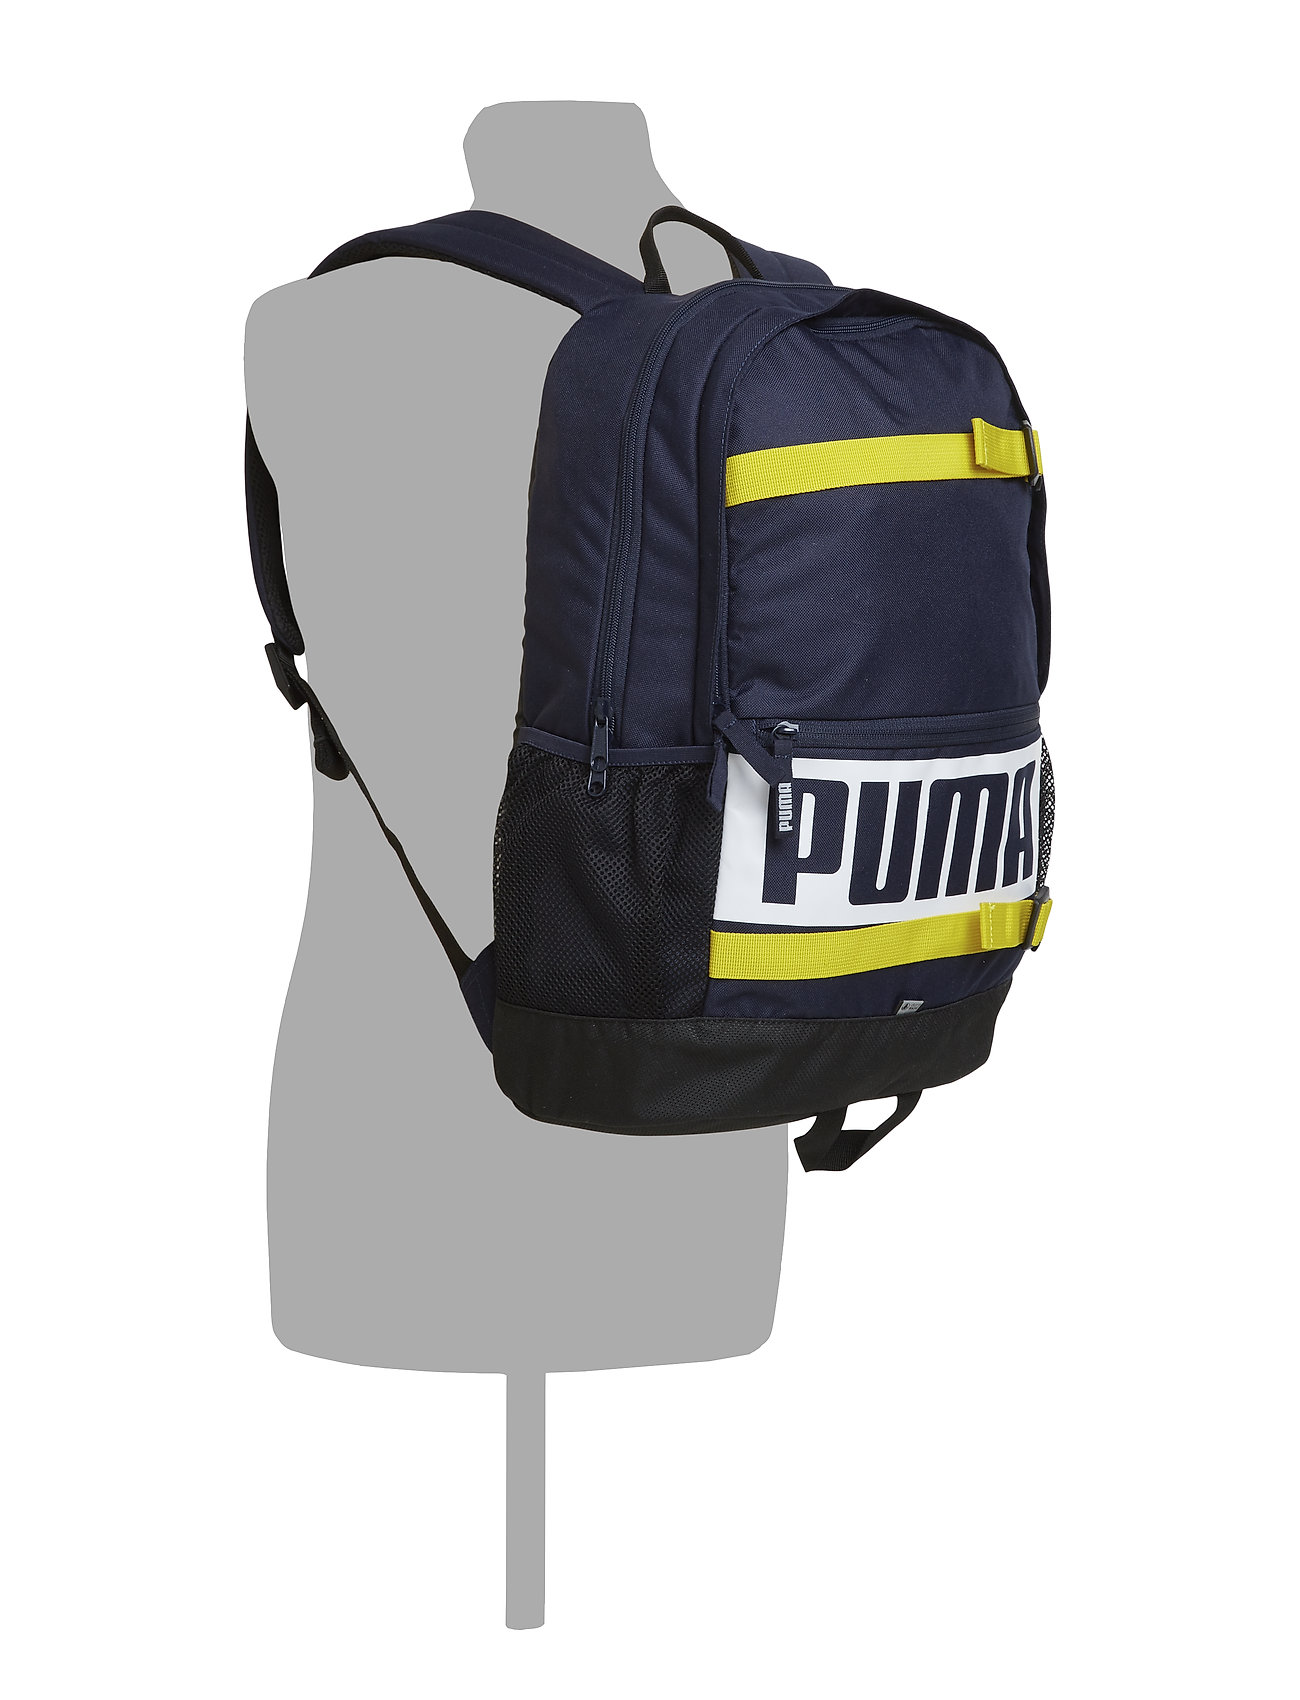 Backpackpeacoat Puma Puma Deck Deck Puma Backpackpeacoat nO8wPk0